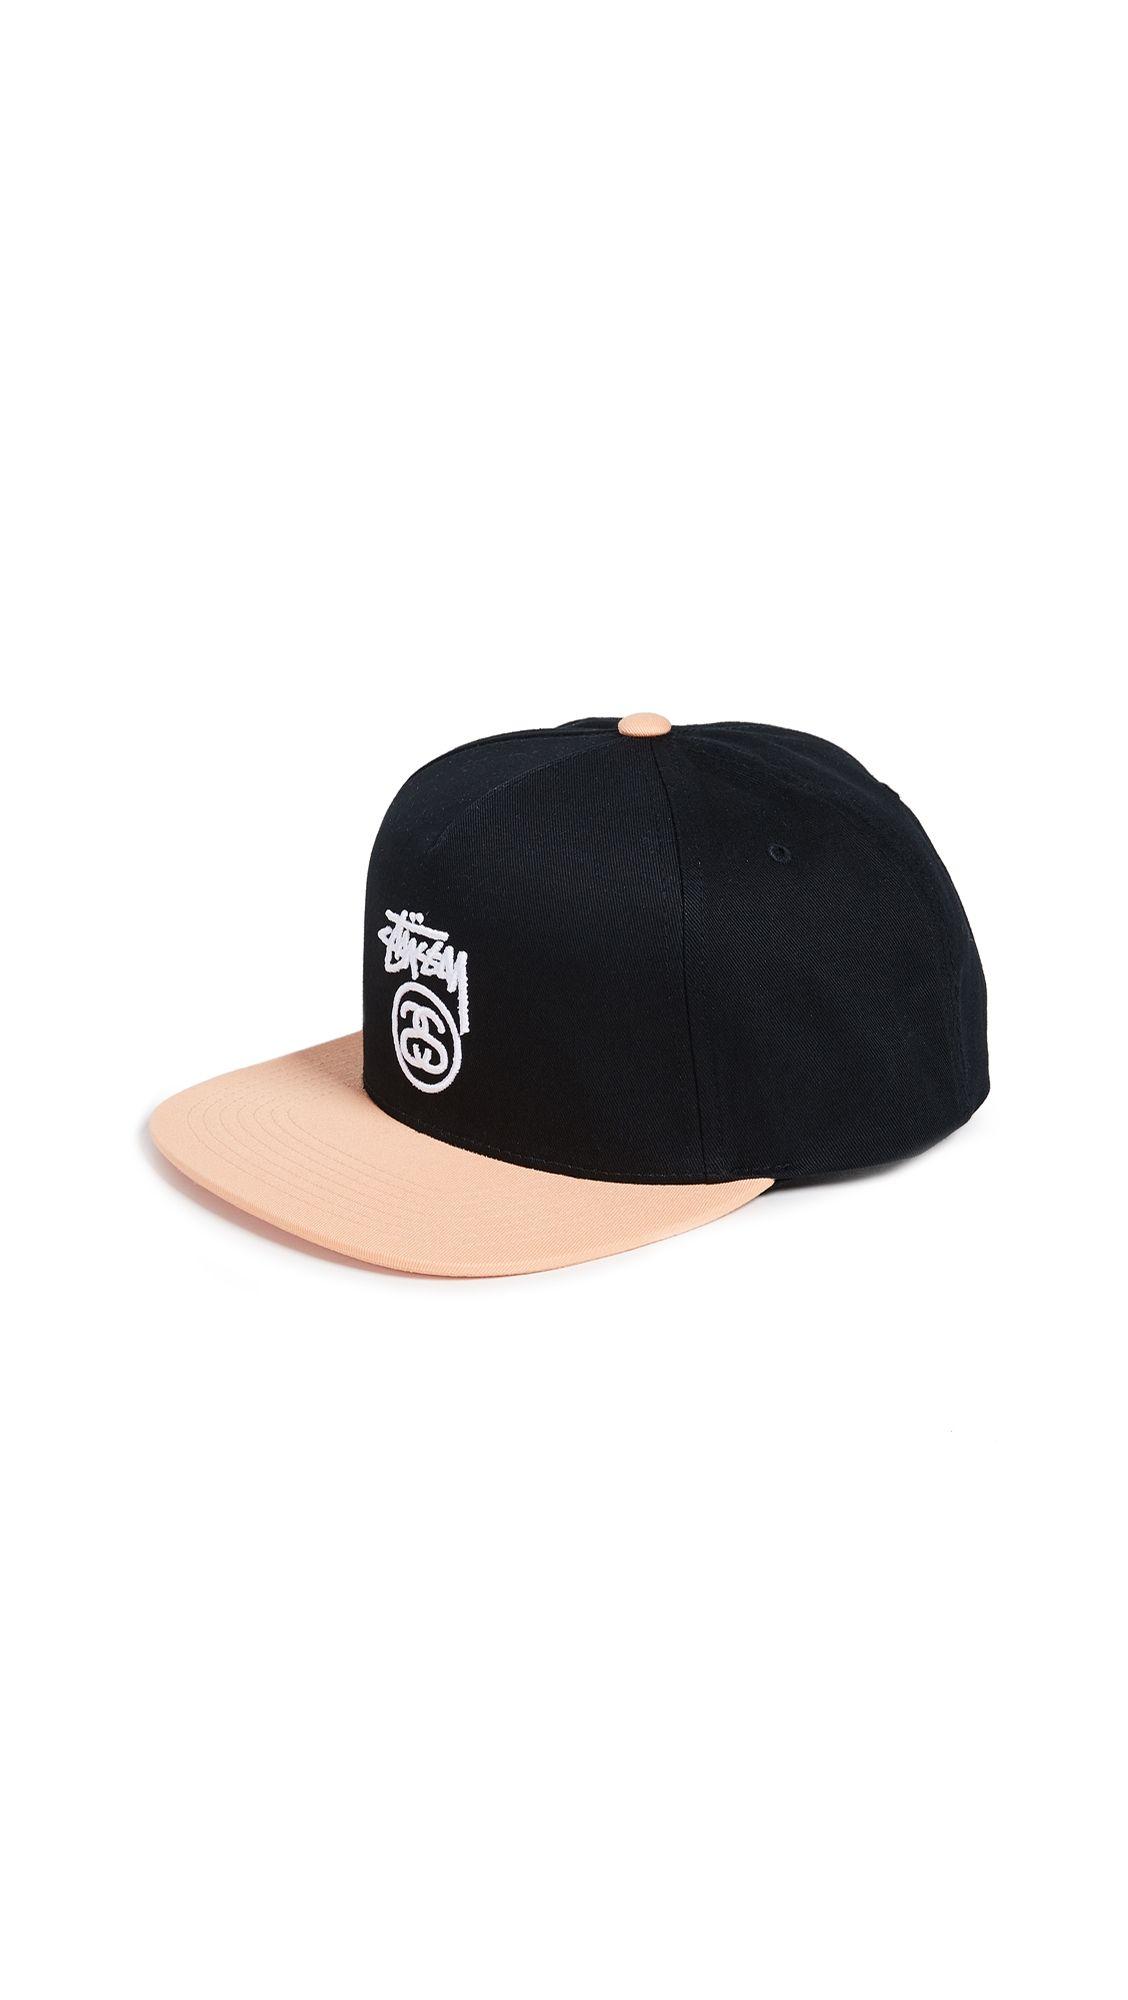 80cc1ede12d STUSSY STOCK LOGO S18 SNAPBACK CAP.  stussy